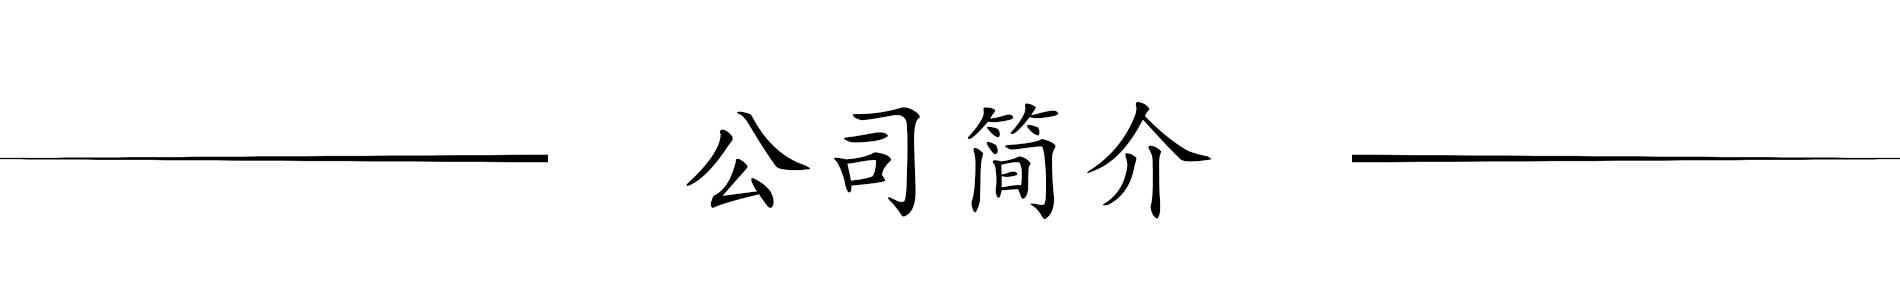 公司简介.jpg